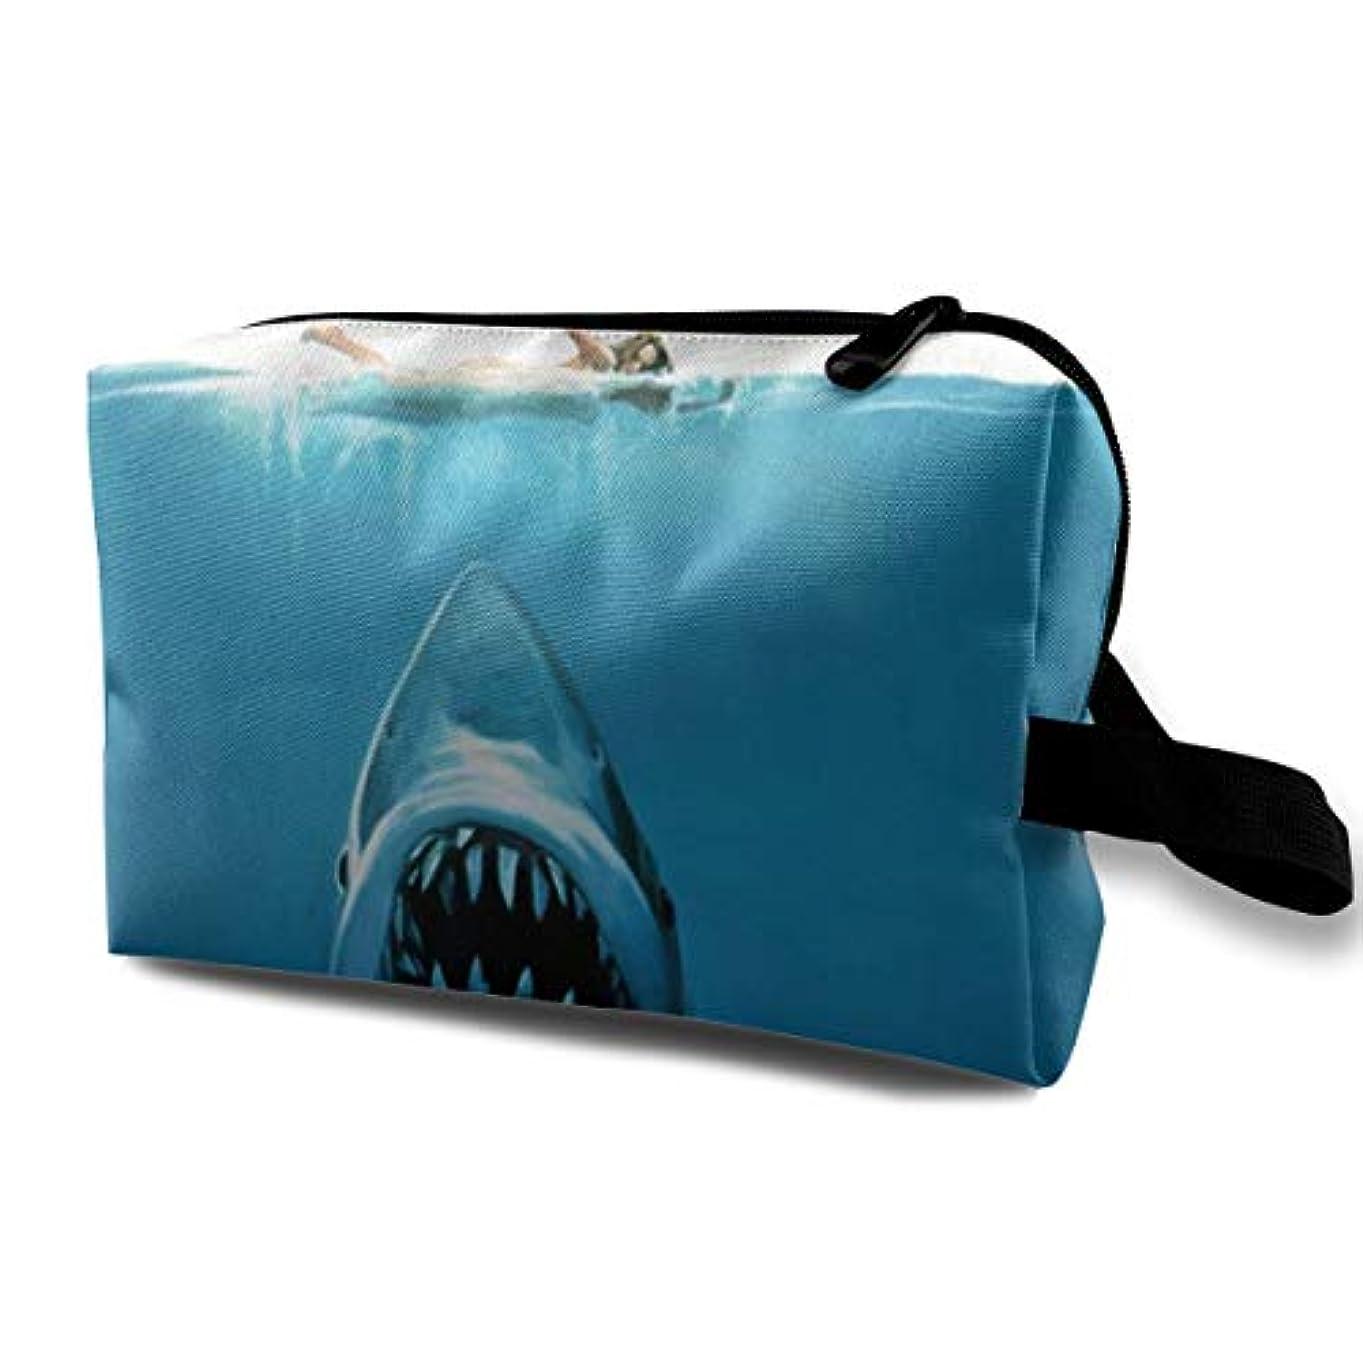 練習参加する非アクティブHidden Risk Jaw White Shark 収納ポーチ 化粧ポーチ 大容量 軽量 耐久性 ハンドル付持ち運び便利。入れ 自宅?出張?旅行?アウトドア撮影などに対応。メンズ レディース トラベルグッズ